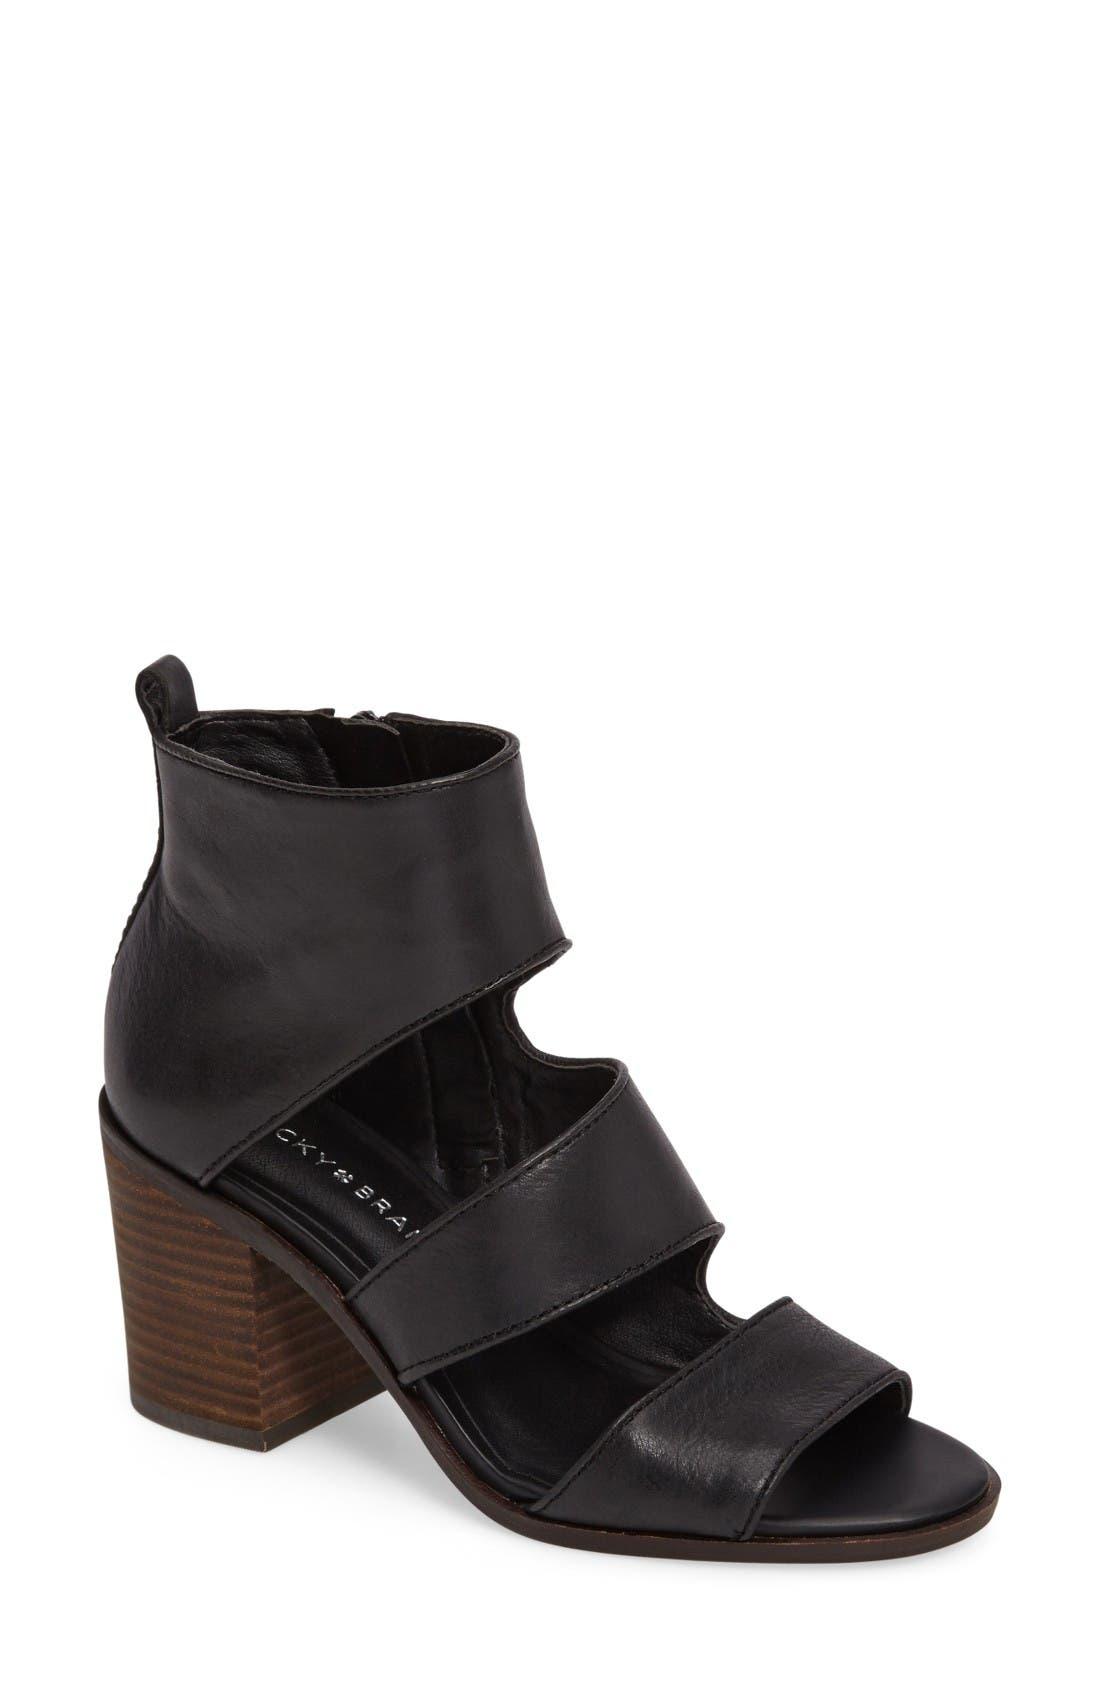 Alternate Image 1 Selected - Lucky Kabott Block Heel Sandal (Women)